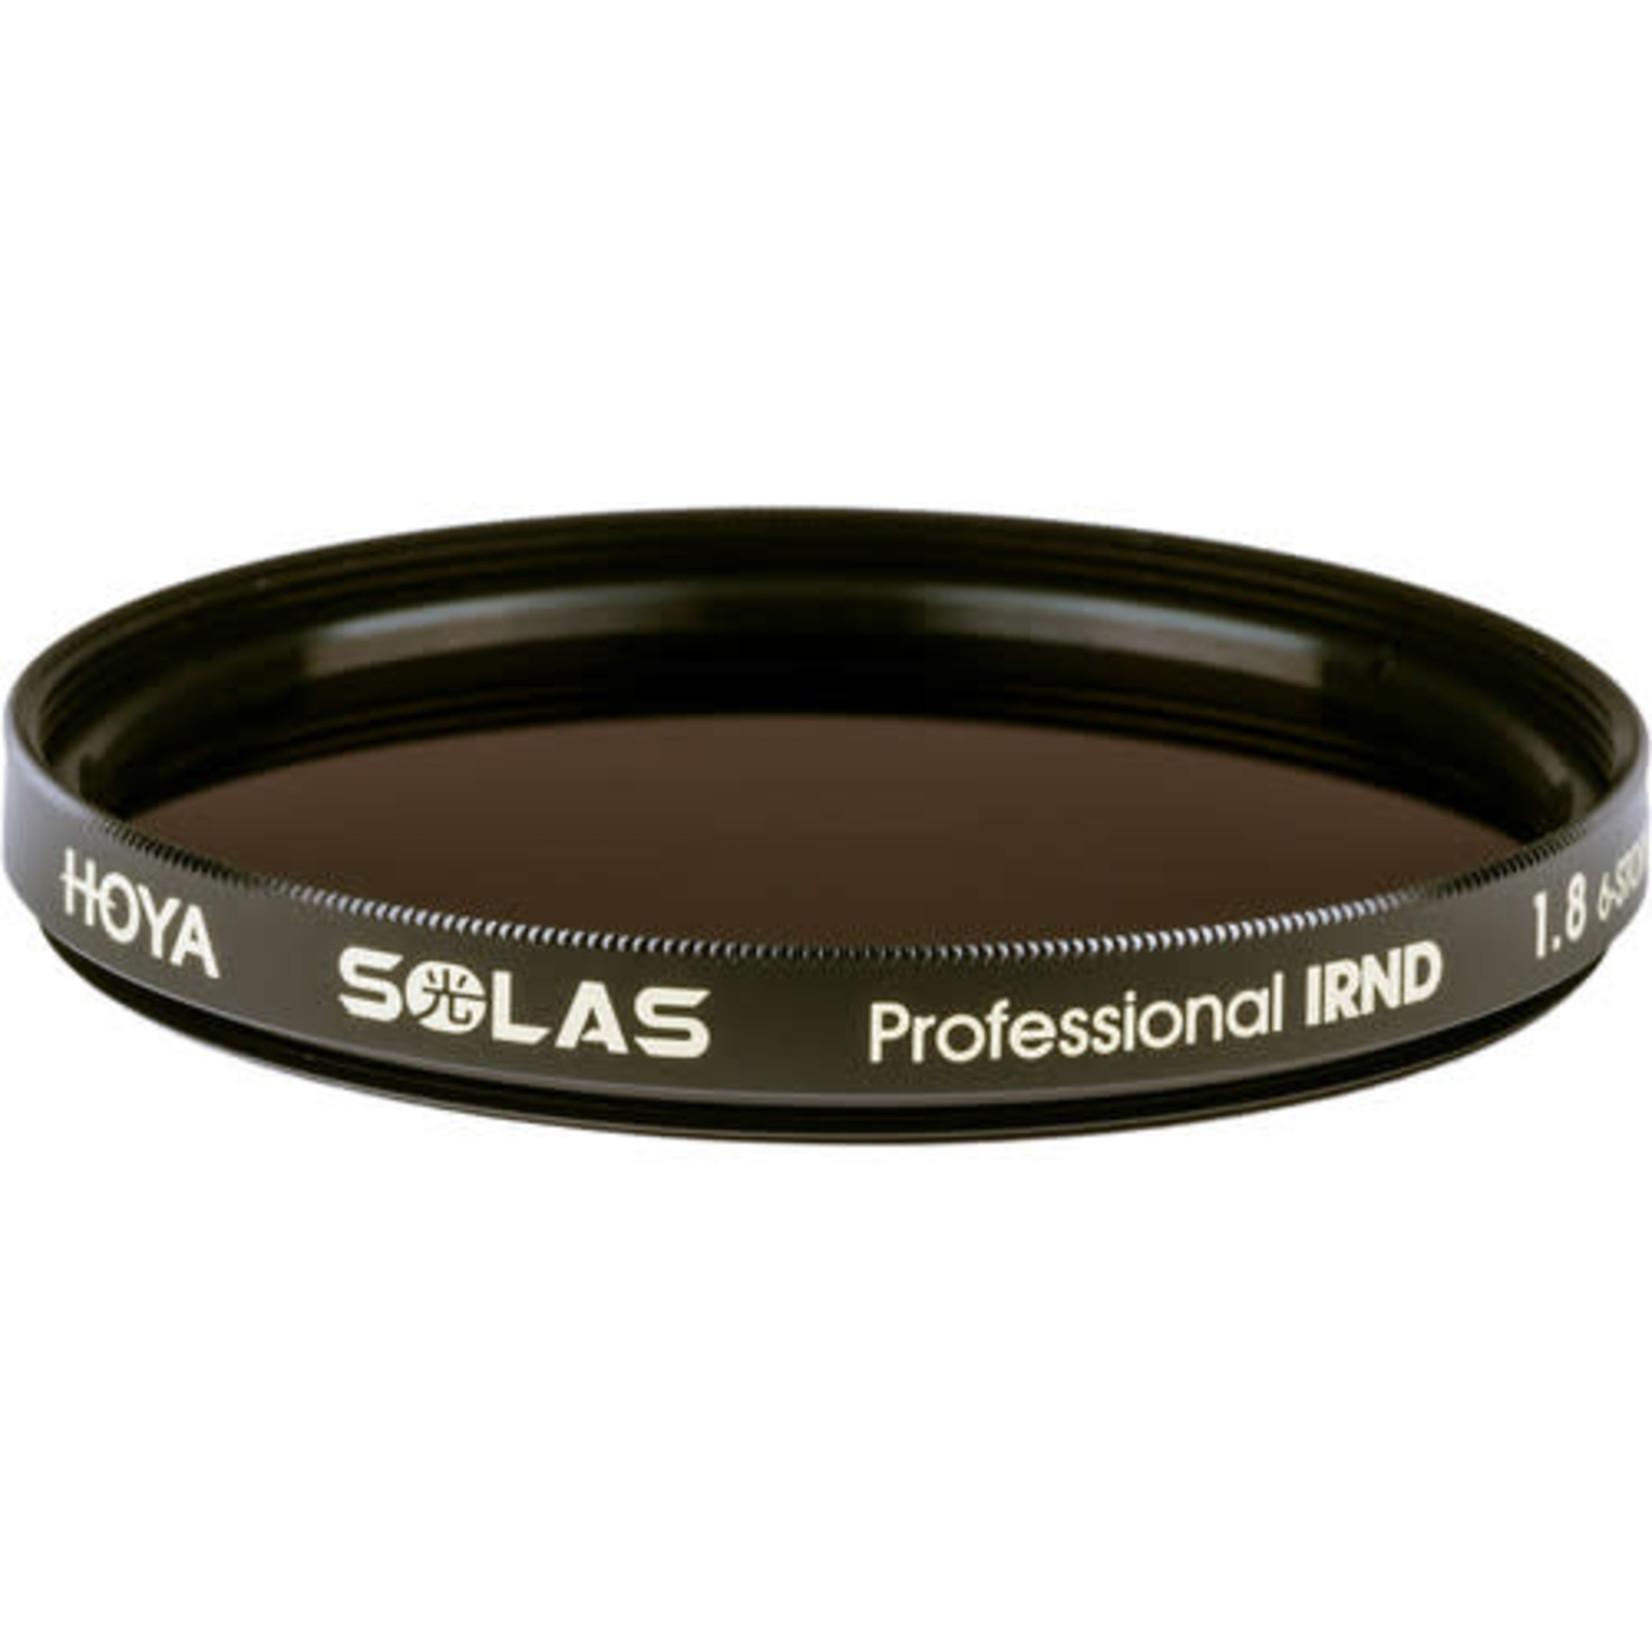 Hoya Hoya Solas 67mm Infrared 1.8 (6 Stops)  Neutral Density Filter